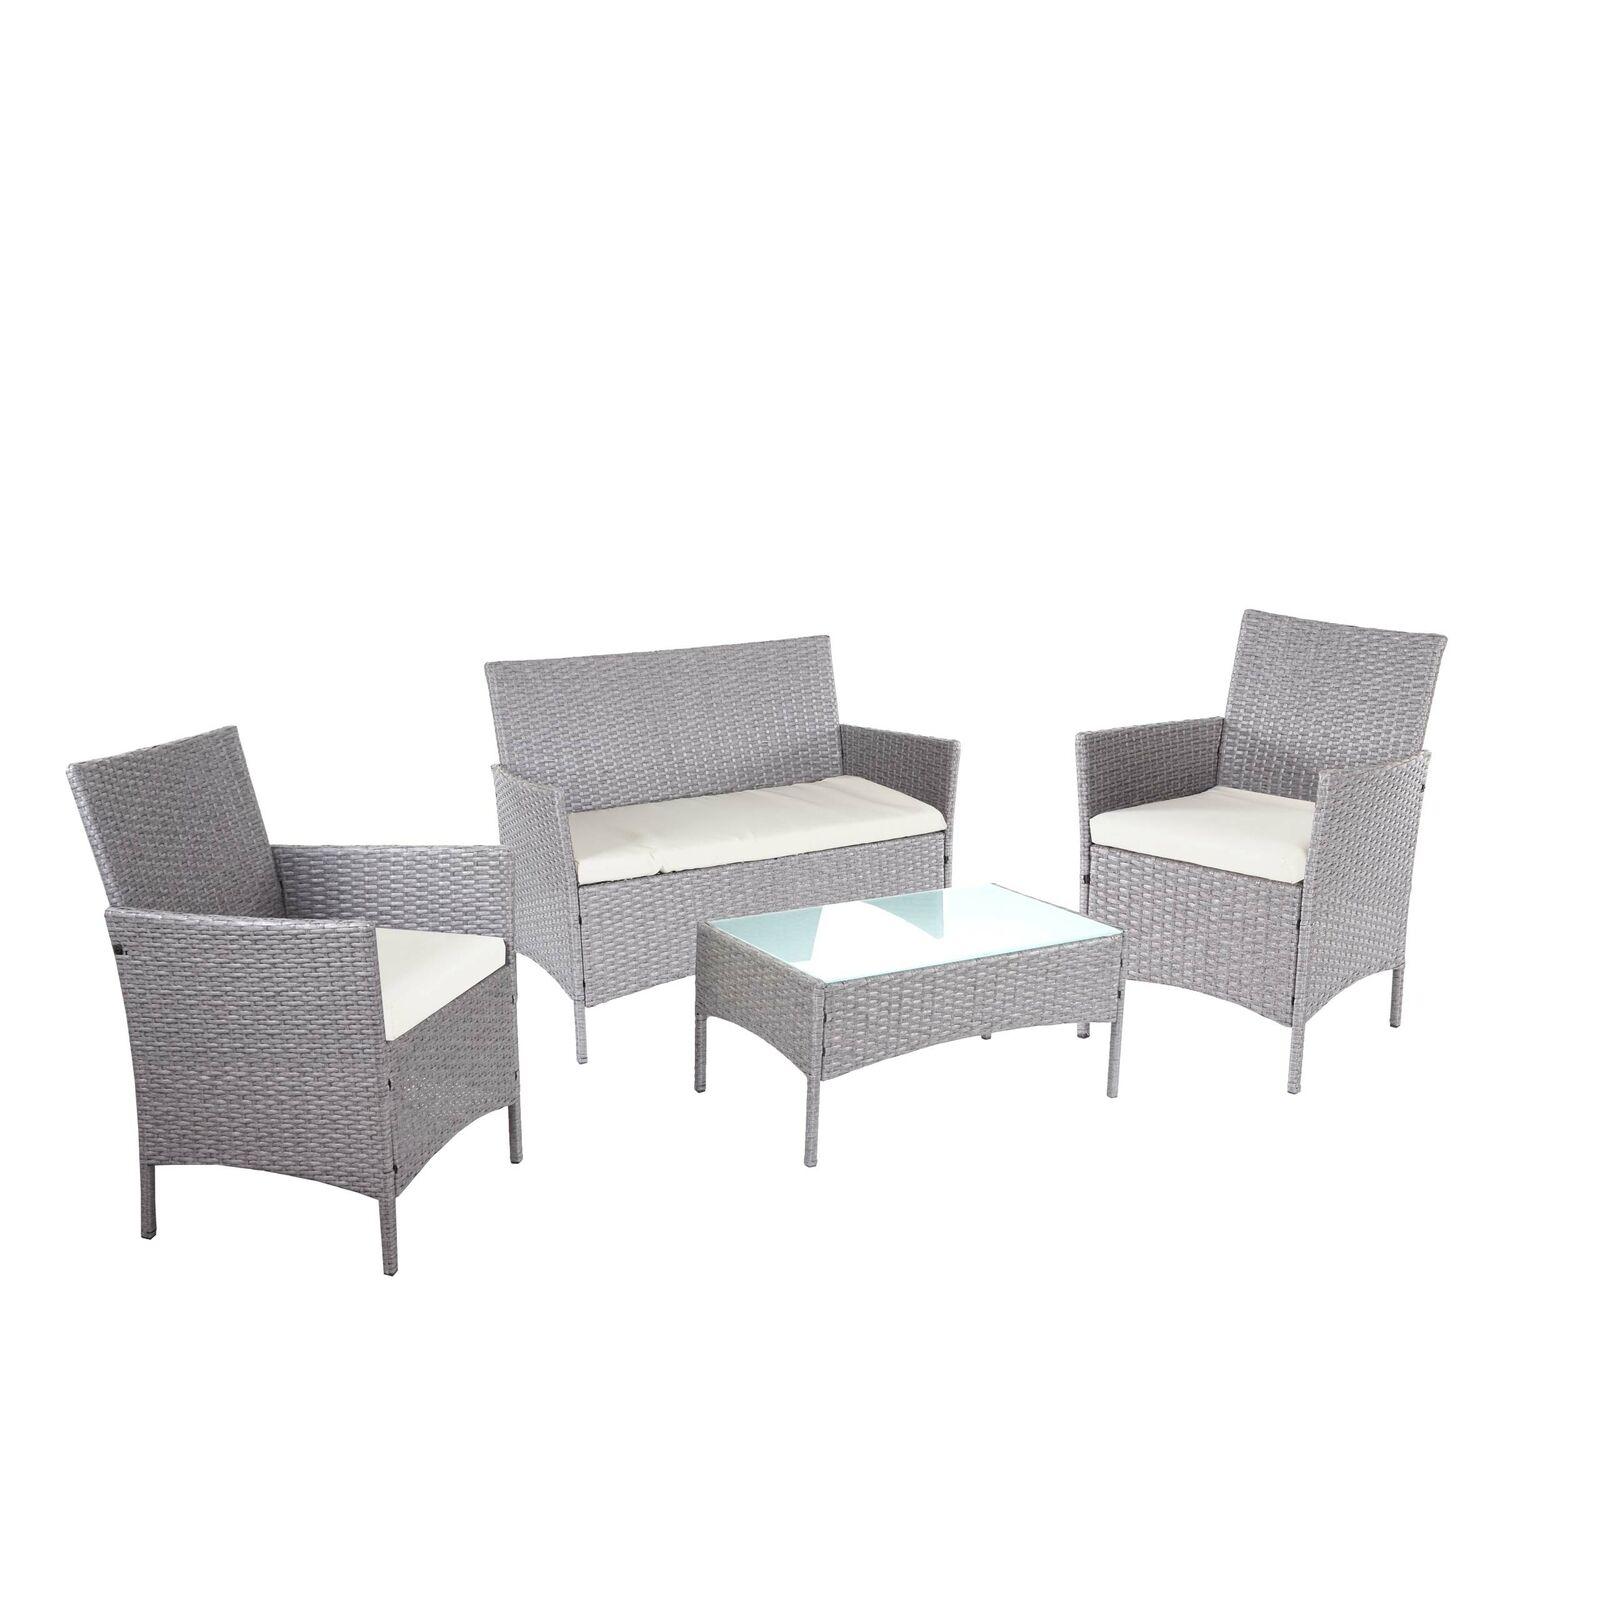 2-1-1 Poly-Rattan Garten-Garnitur Halden, Sitzgruppe, grau, Kissen creme